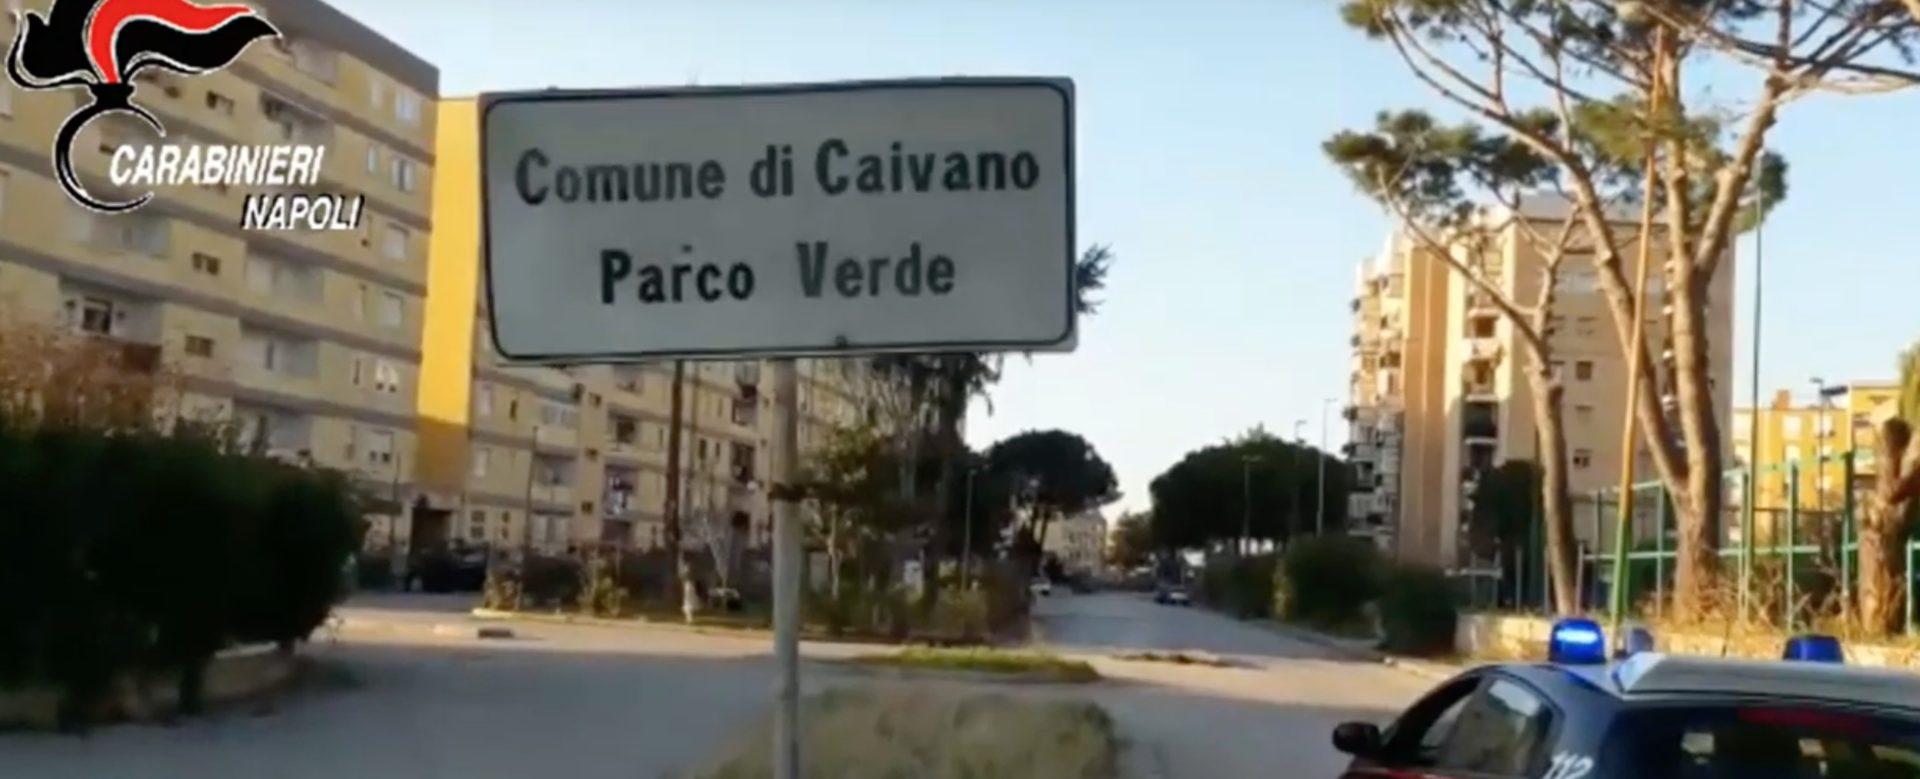 Imponevano pizzo e mozzarelle: 17 arresti al Parco Verde di Caivano